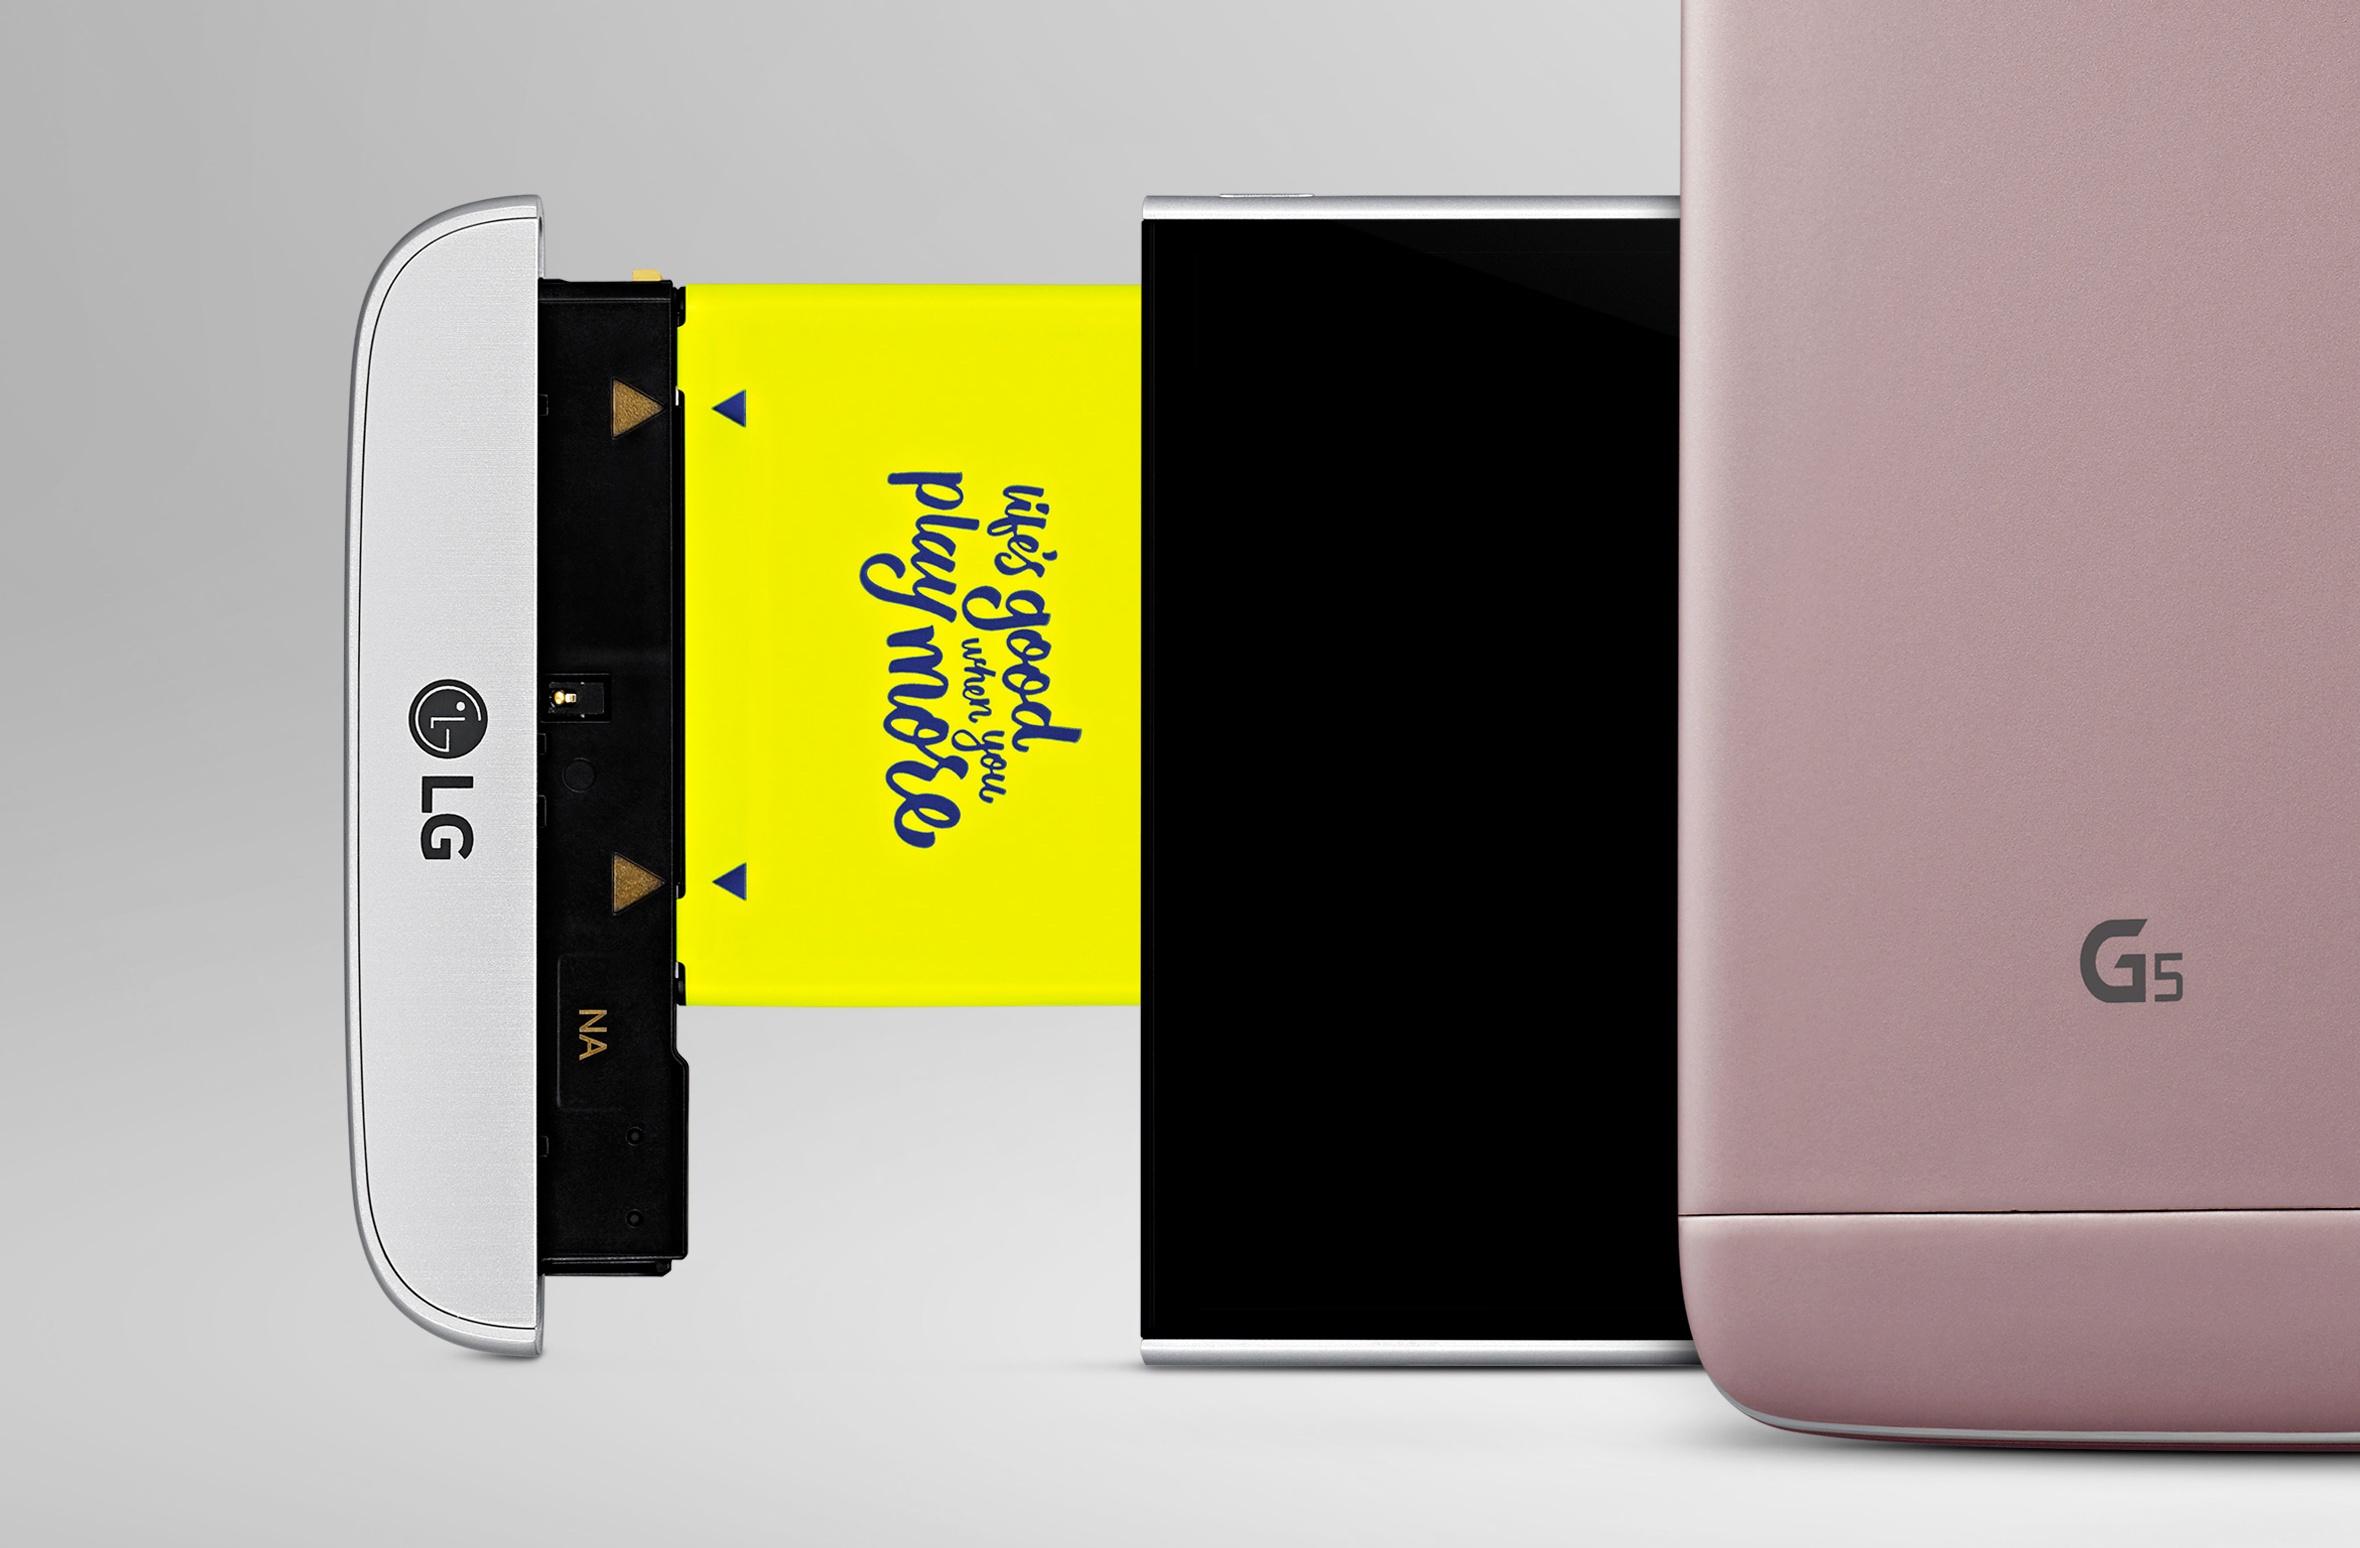 LG-G5 battery